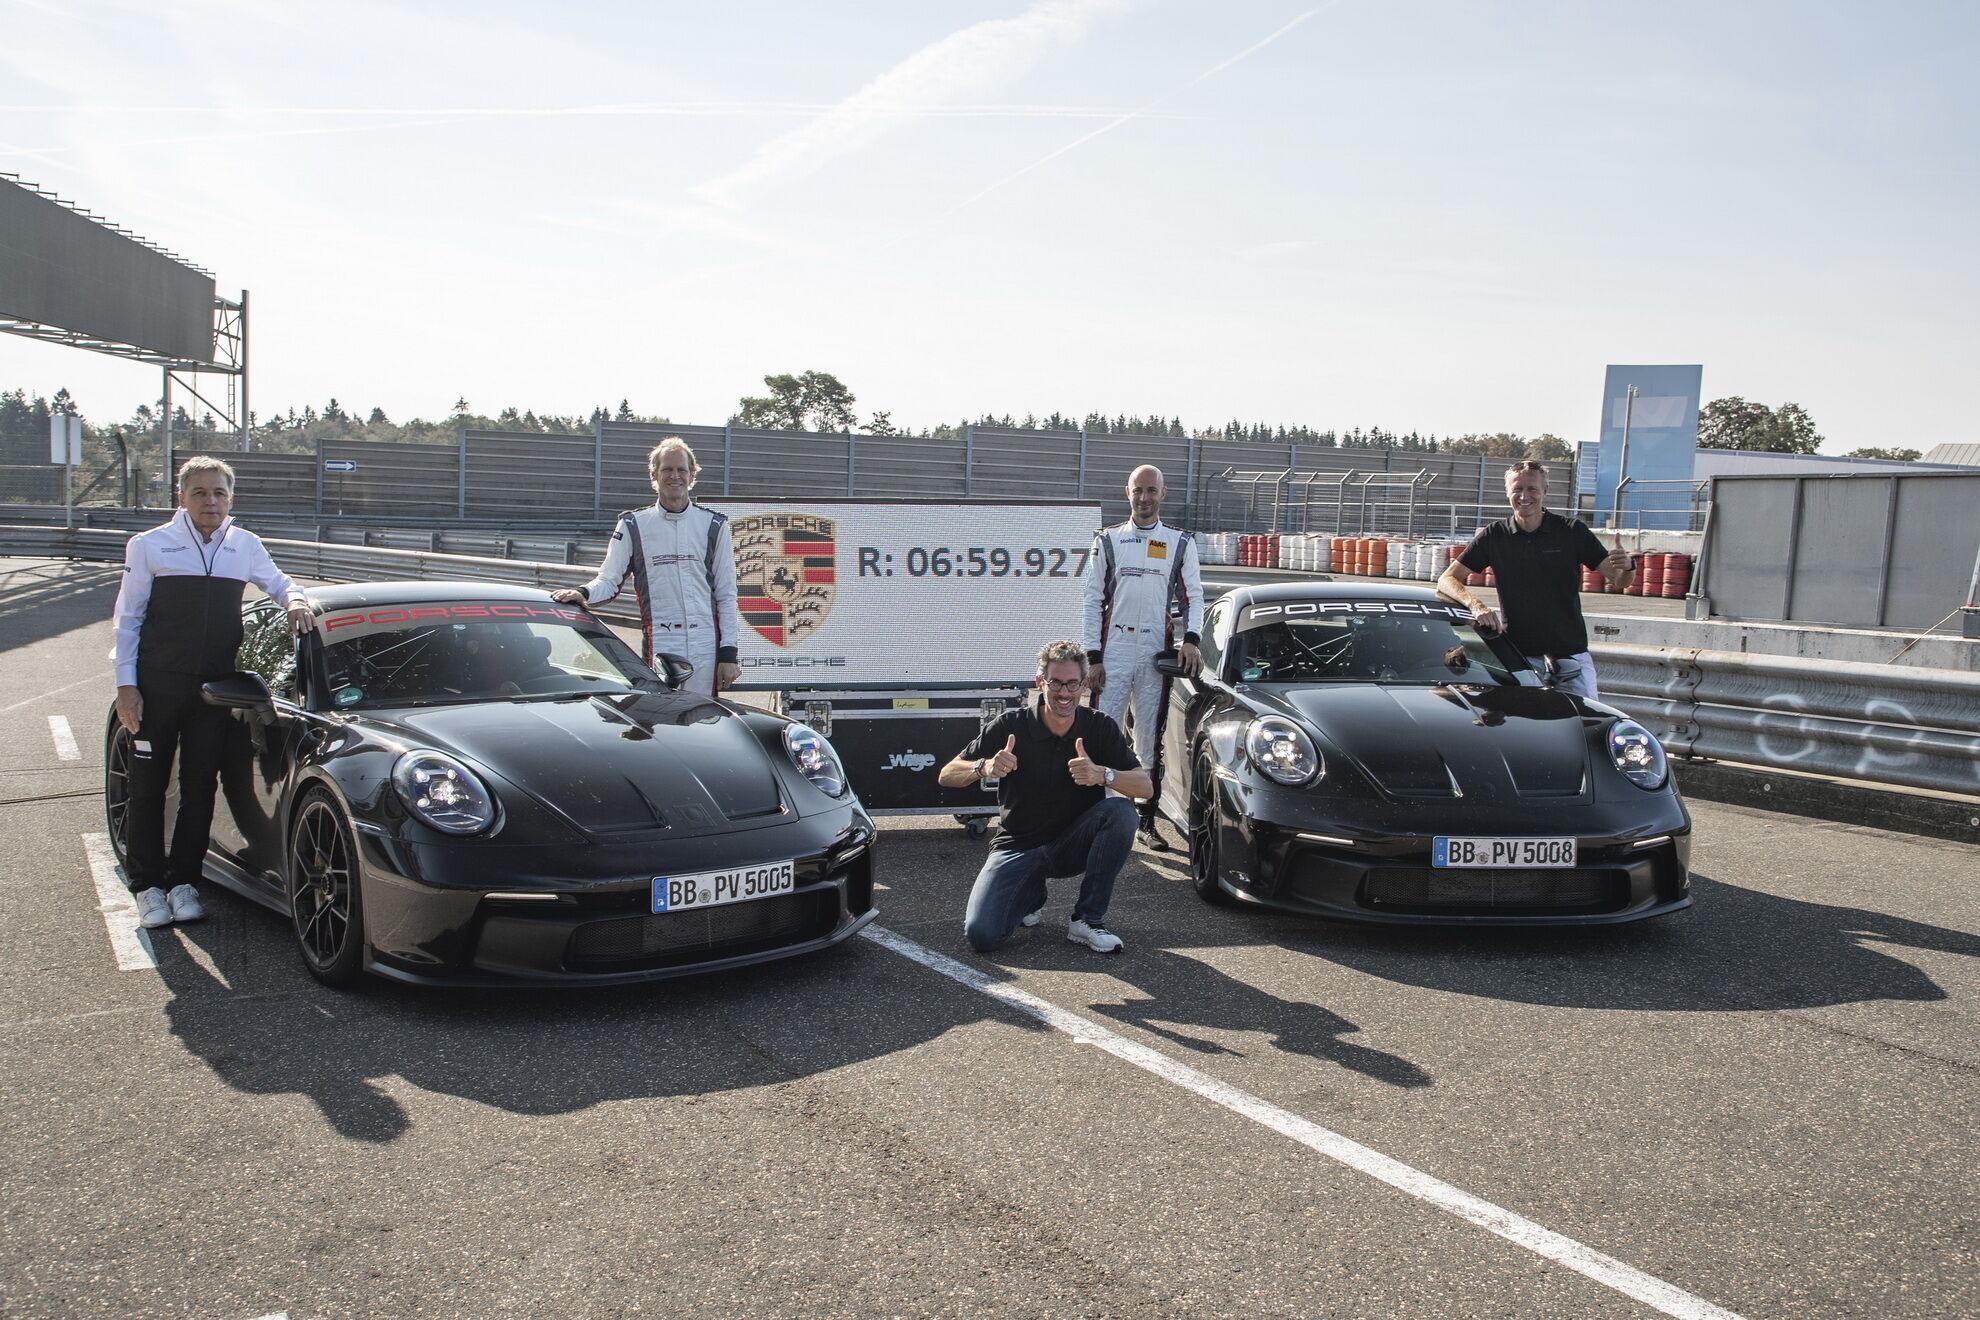 Дистанцию 20,8 км Porsche 911 GT3 преодолел за 6:59.927 минут, что на 17 секунд лучше показателя предшественника